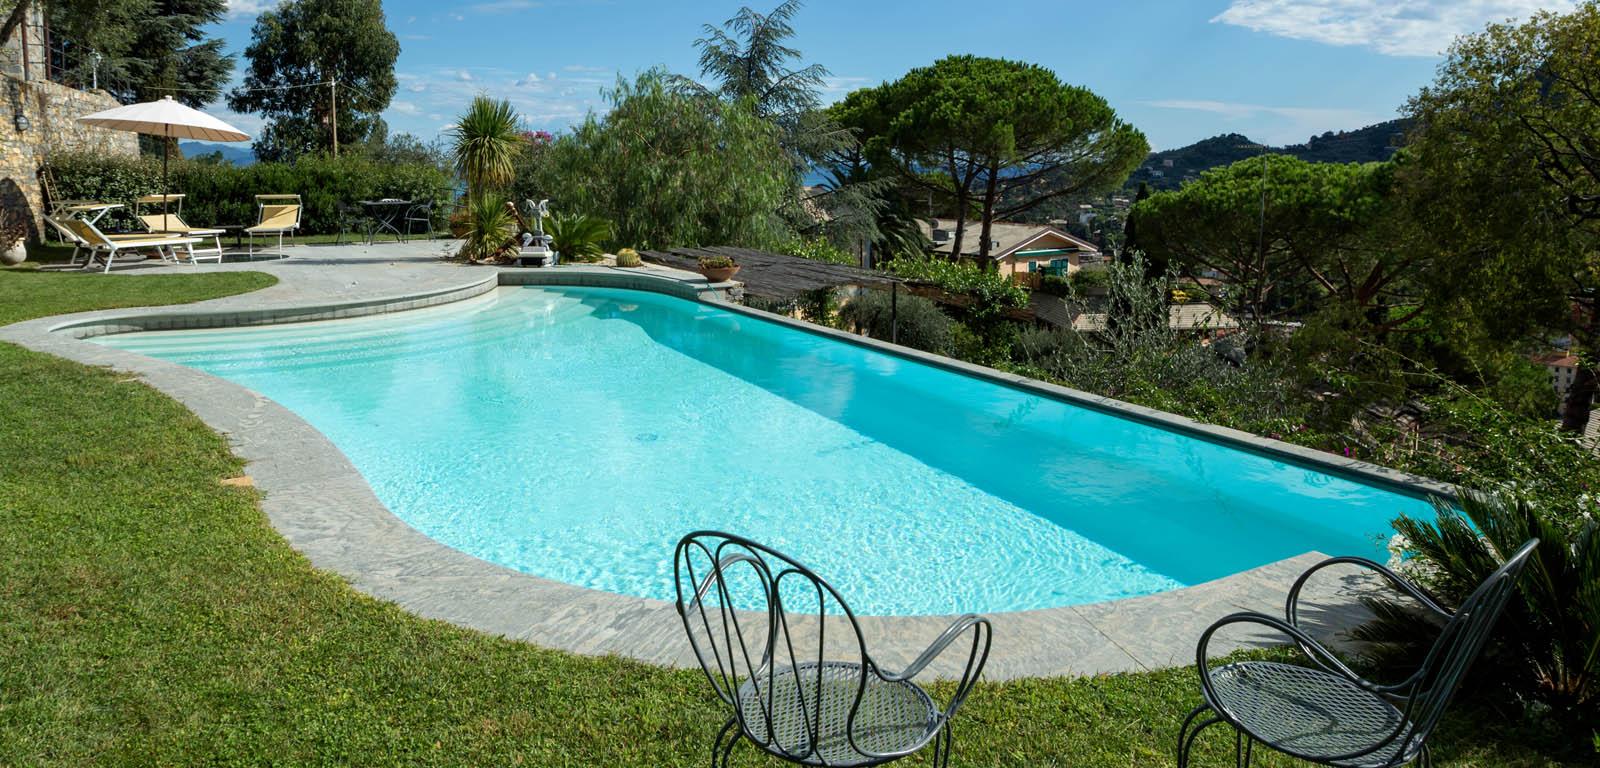 Piscine interrate vantaggi e prezzi piscine castiglione - Piscina parco della pace pesaro ...